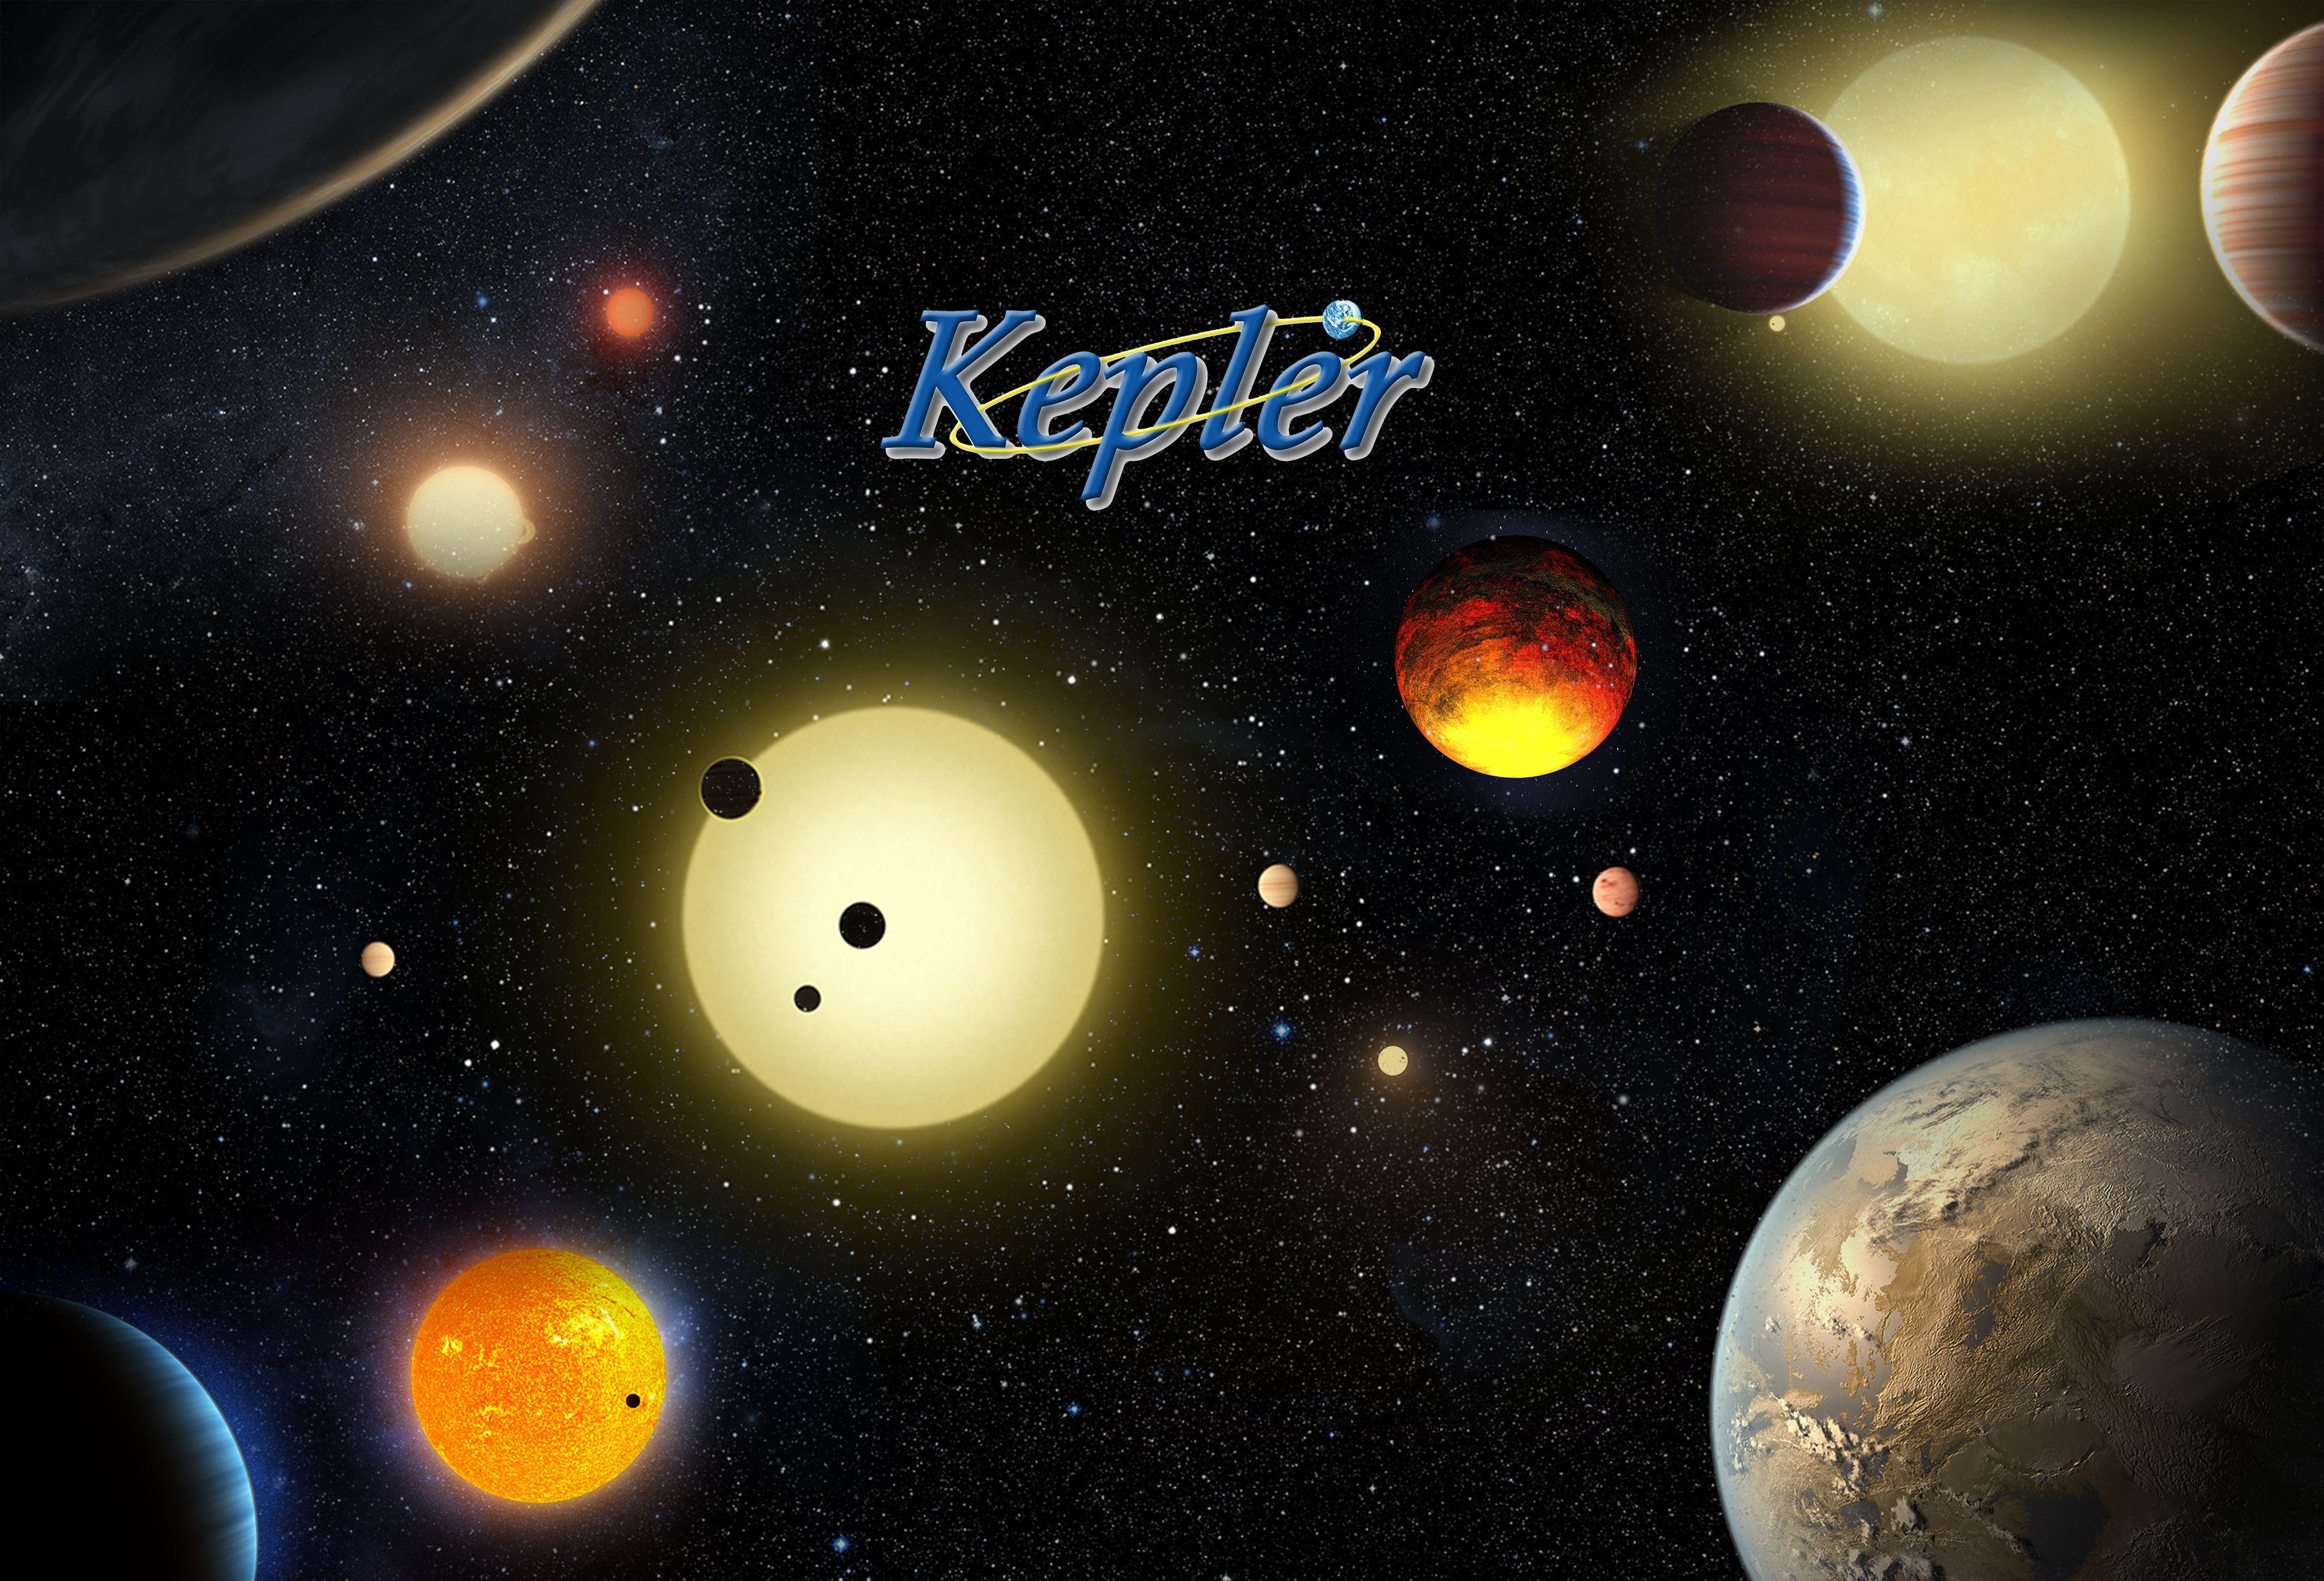 planets nov 17 2017 - photo #19